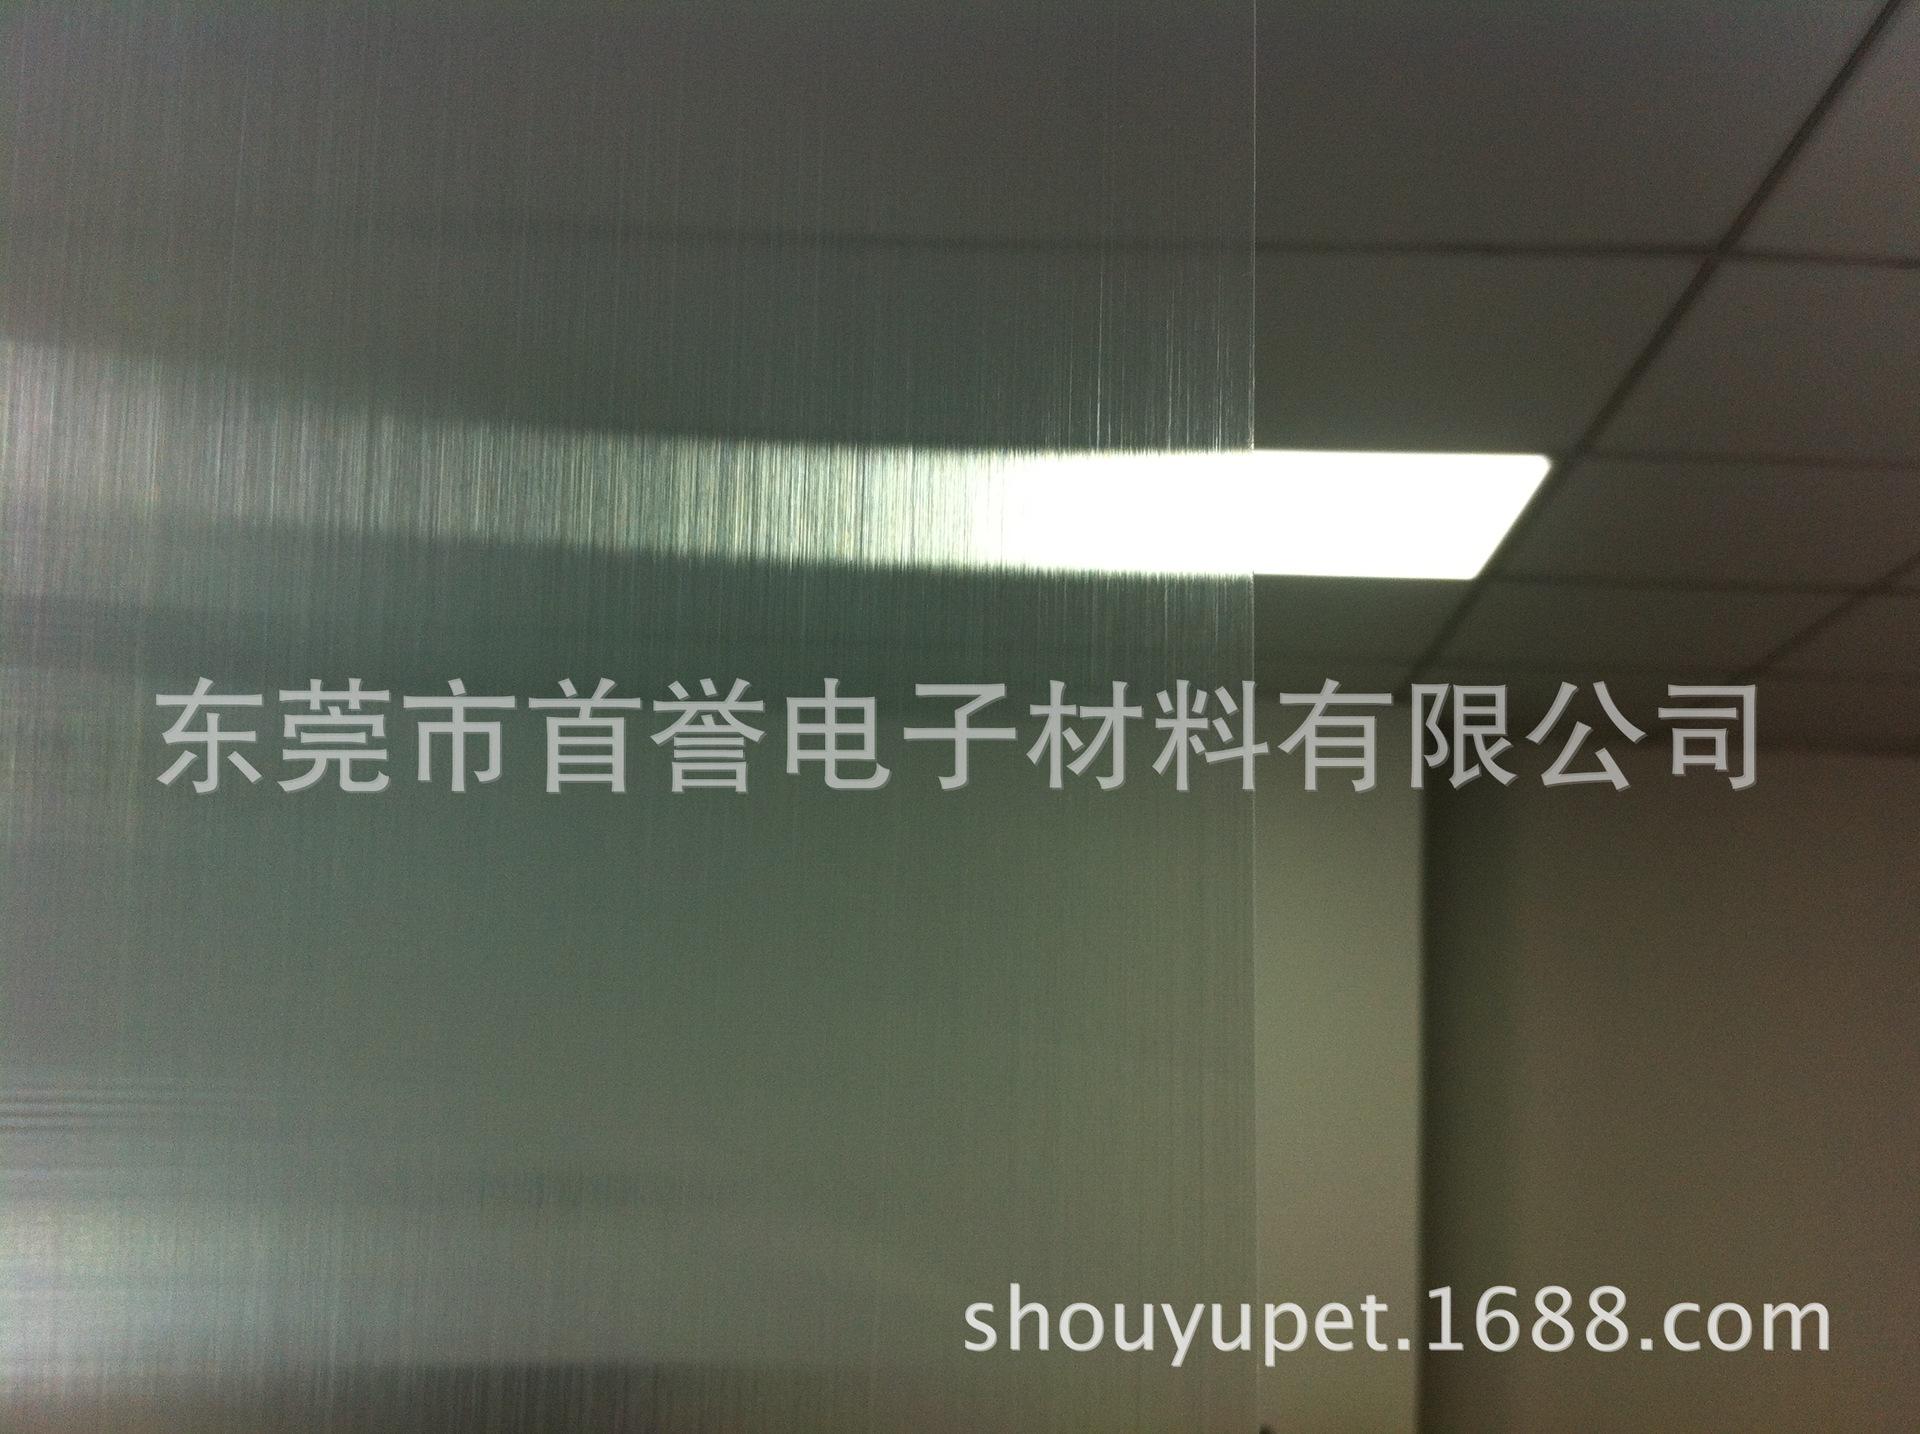 金属拉丝PET膜 纹理拉丝 UV拉丝 单面加硬 仿电镀拉丝PET膜 0.2mm